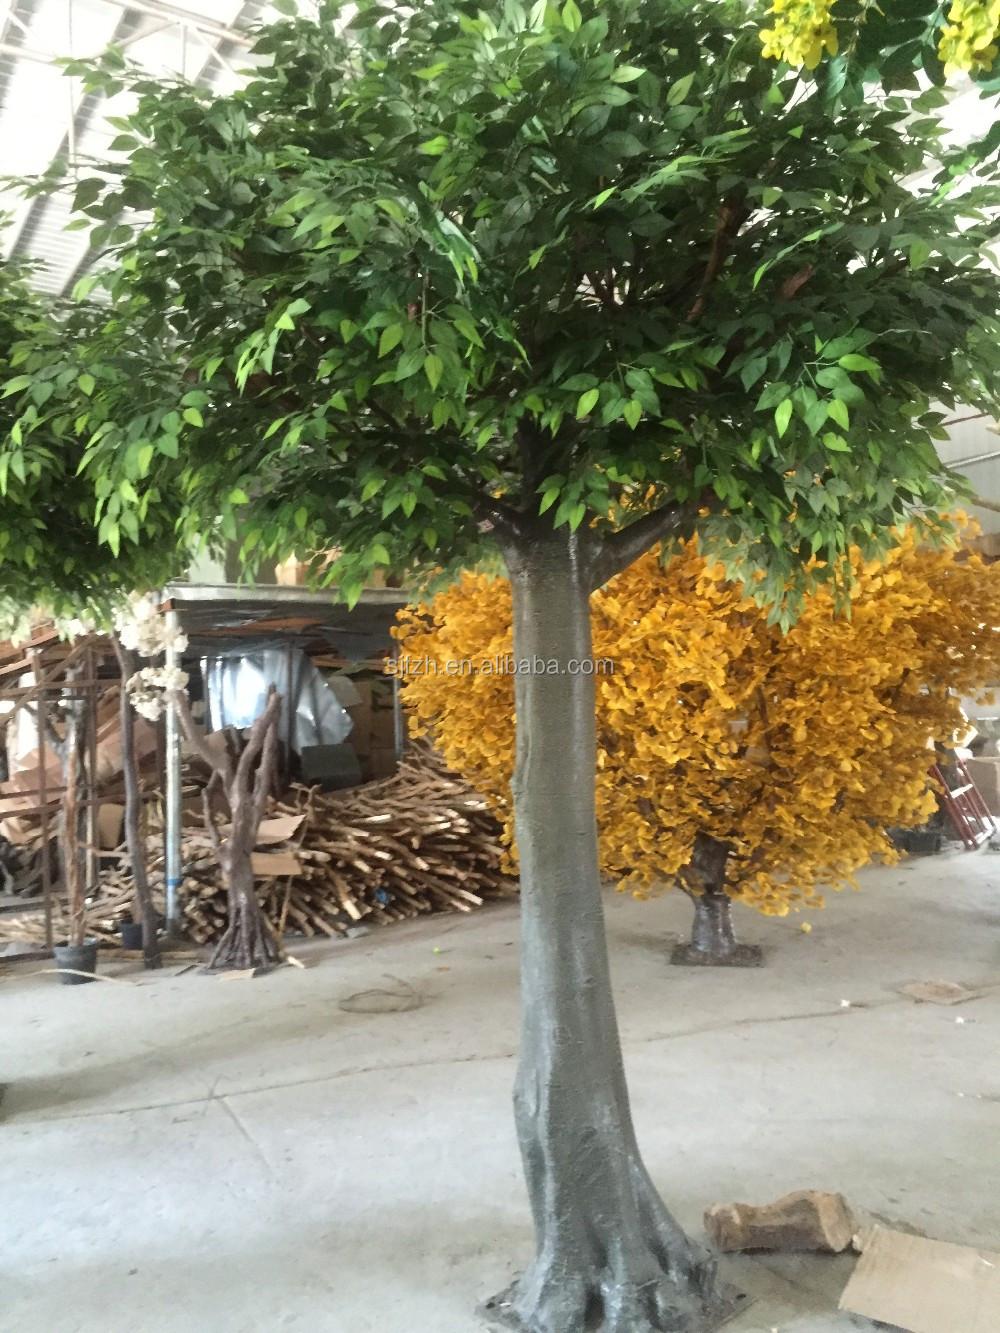 grand ext rieur et int rieur d coratif artificielle ch ne arbre branches et feuilles. Black Bedroom Furniture Sets. Home Design Ideas